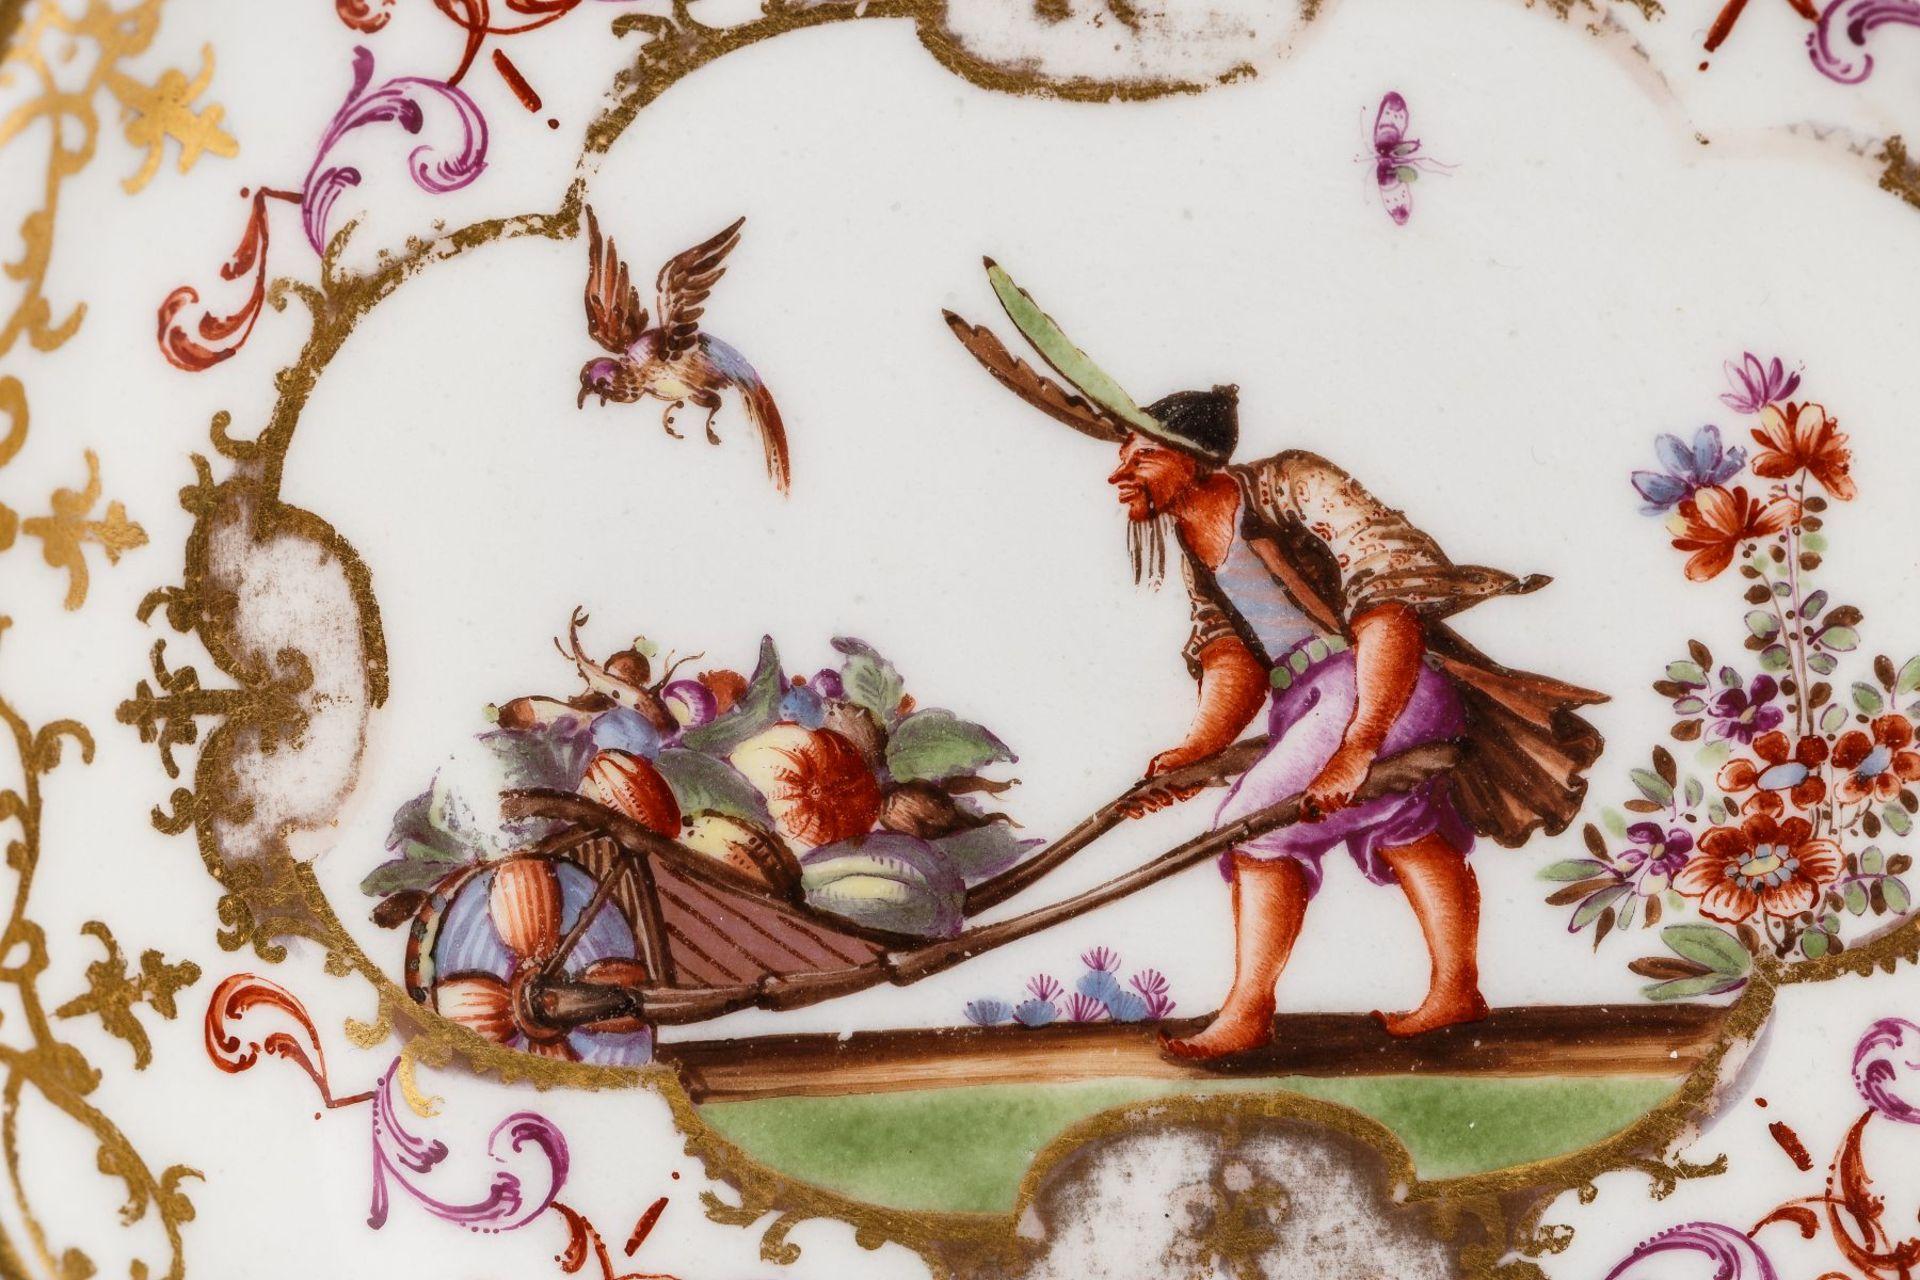 Koppchen mit Unterschale, Meissen 1723/25 - Bild 2 aus 4